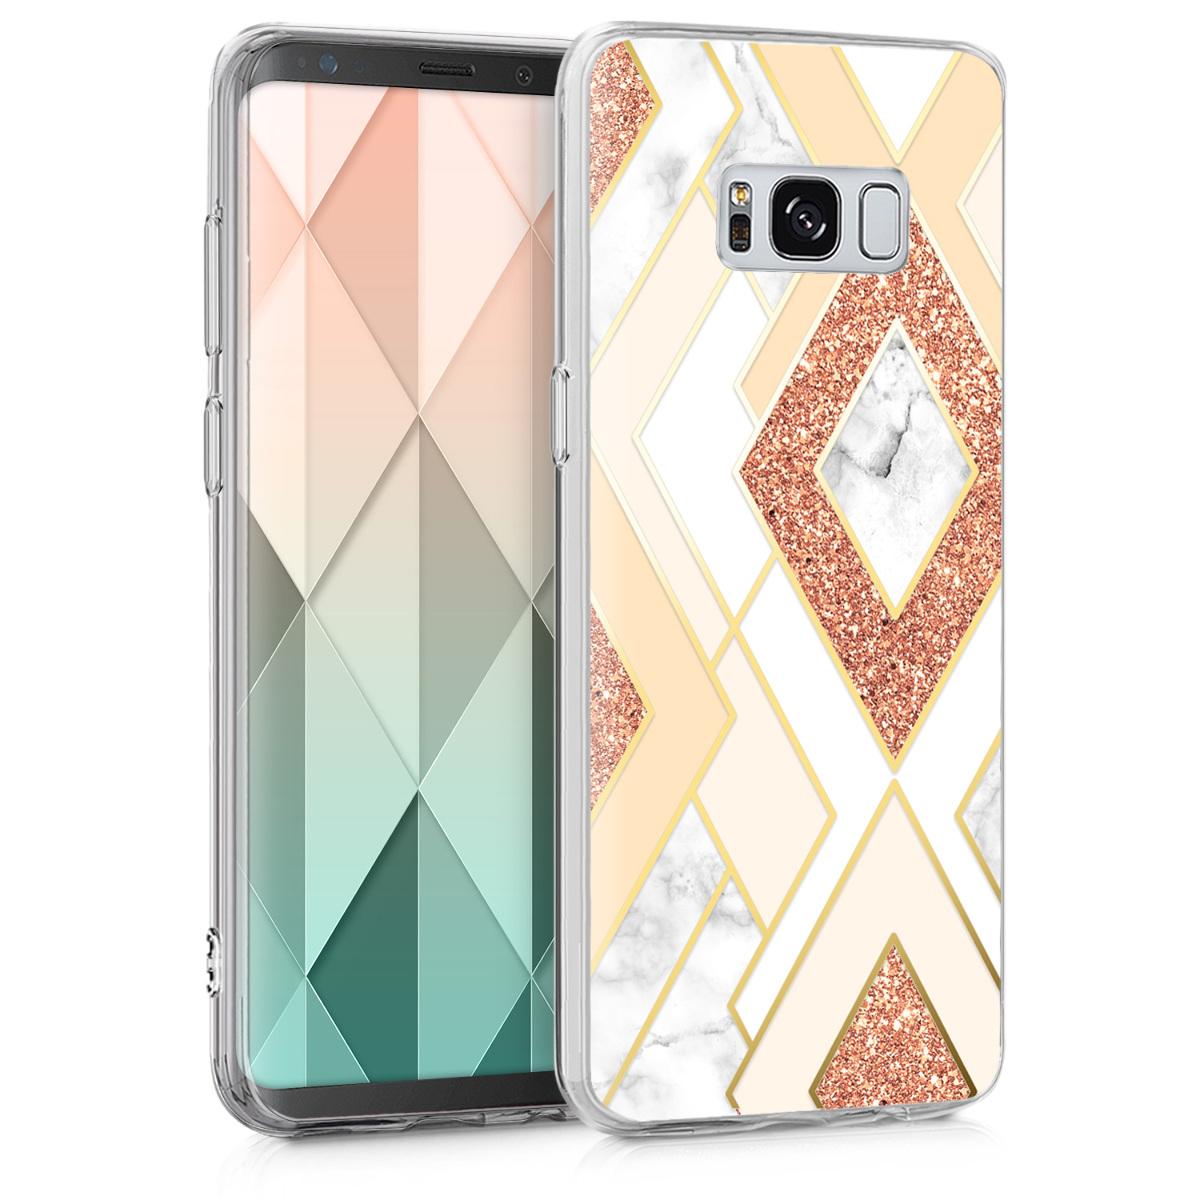 Kvalitní silikonové TPU pouzdro pro Samsung S8 - Diamond Mix Gold / měď / Beige